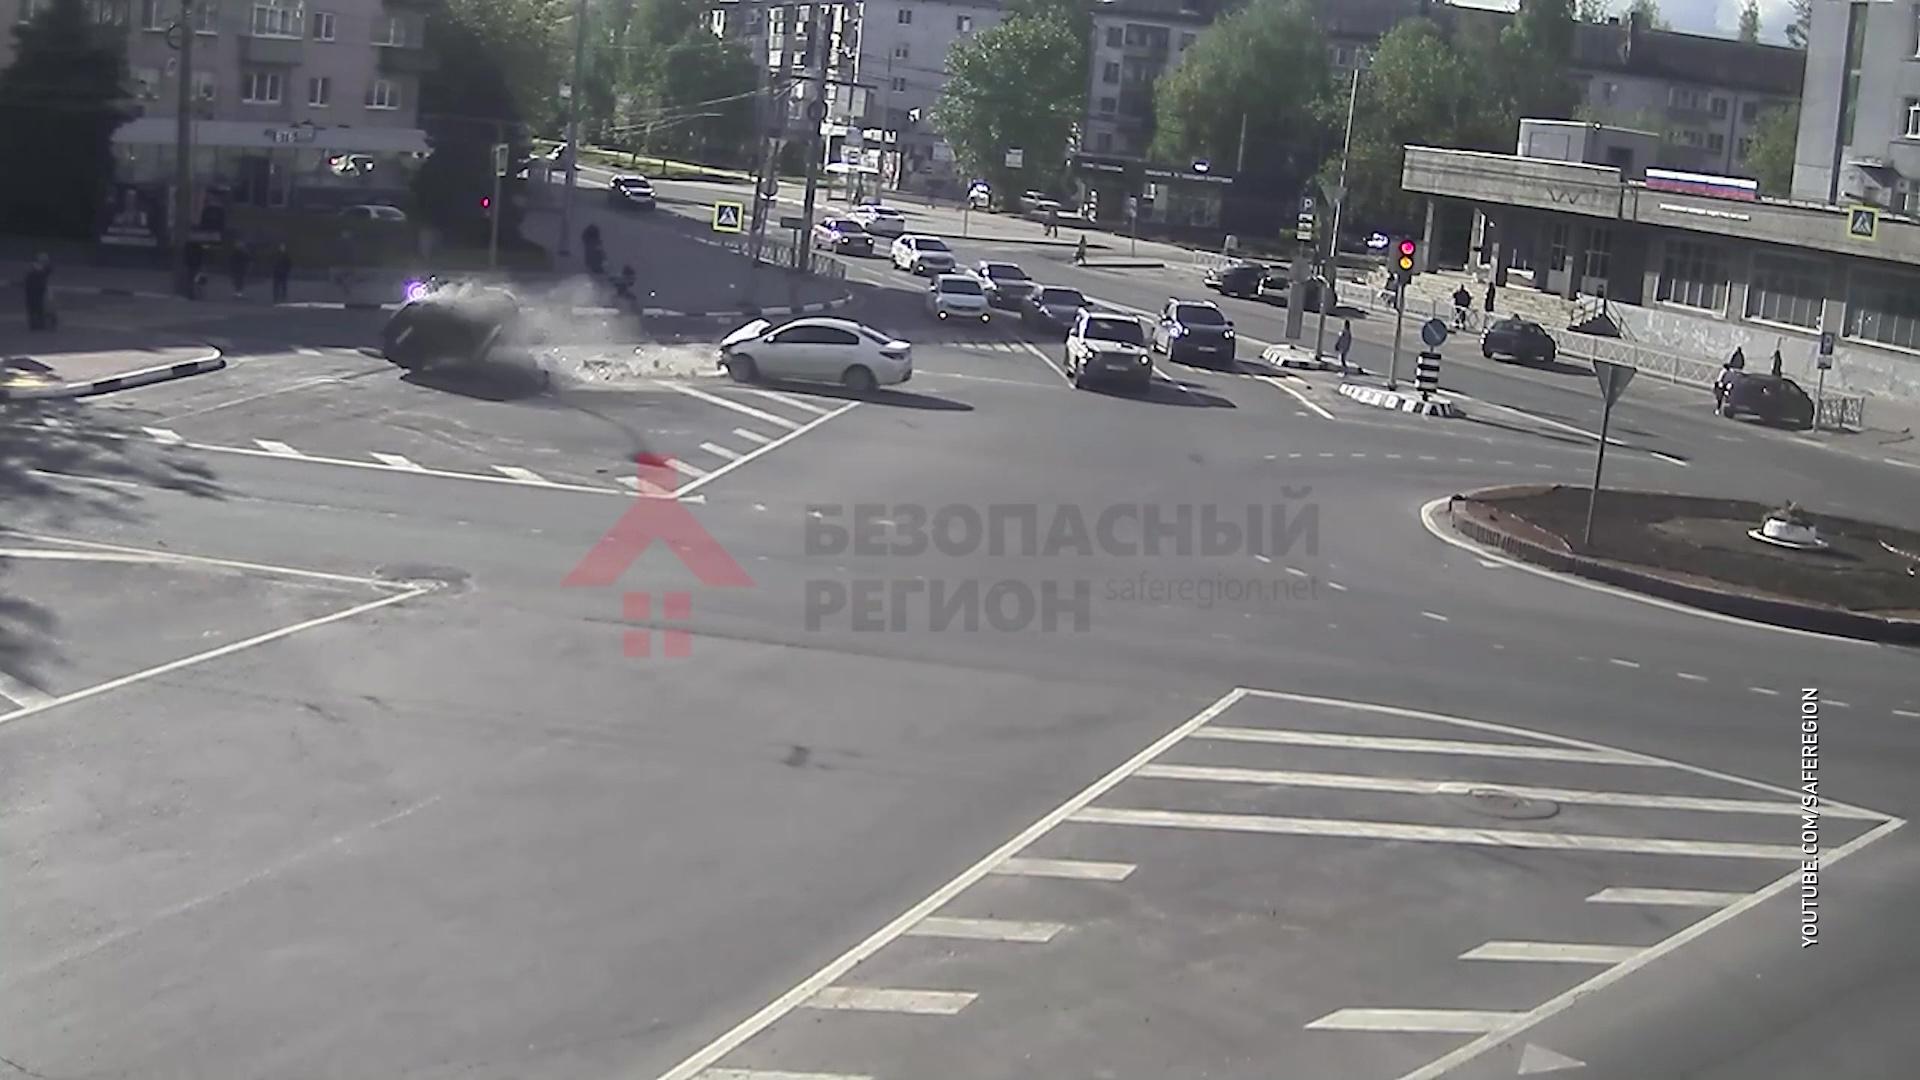 Не проскочил: на перекрестке Угличской с Горвалом столкнулись два авто